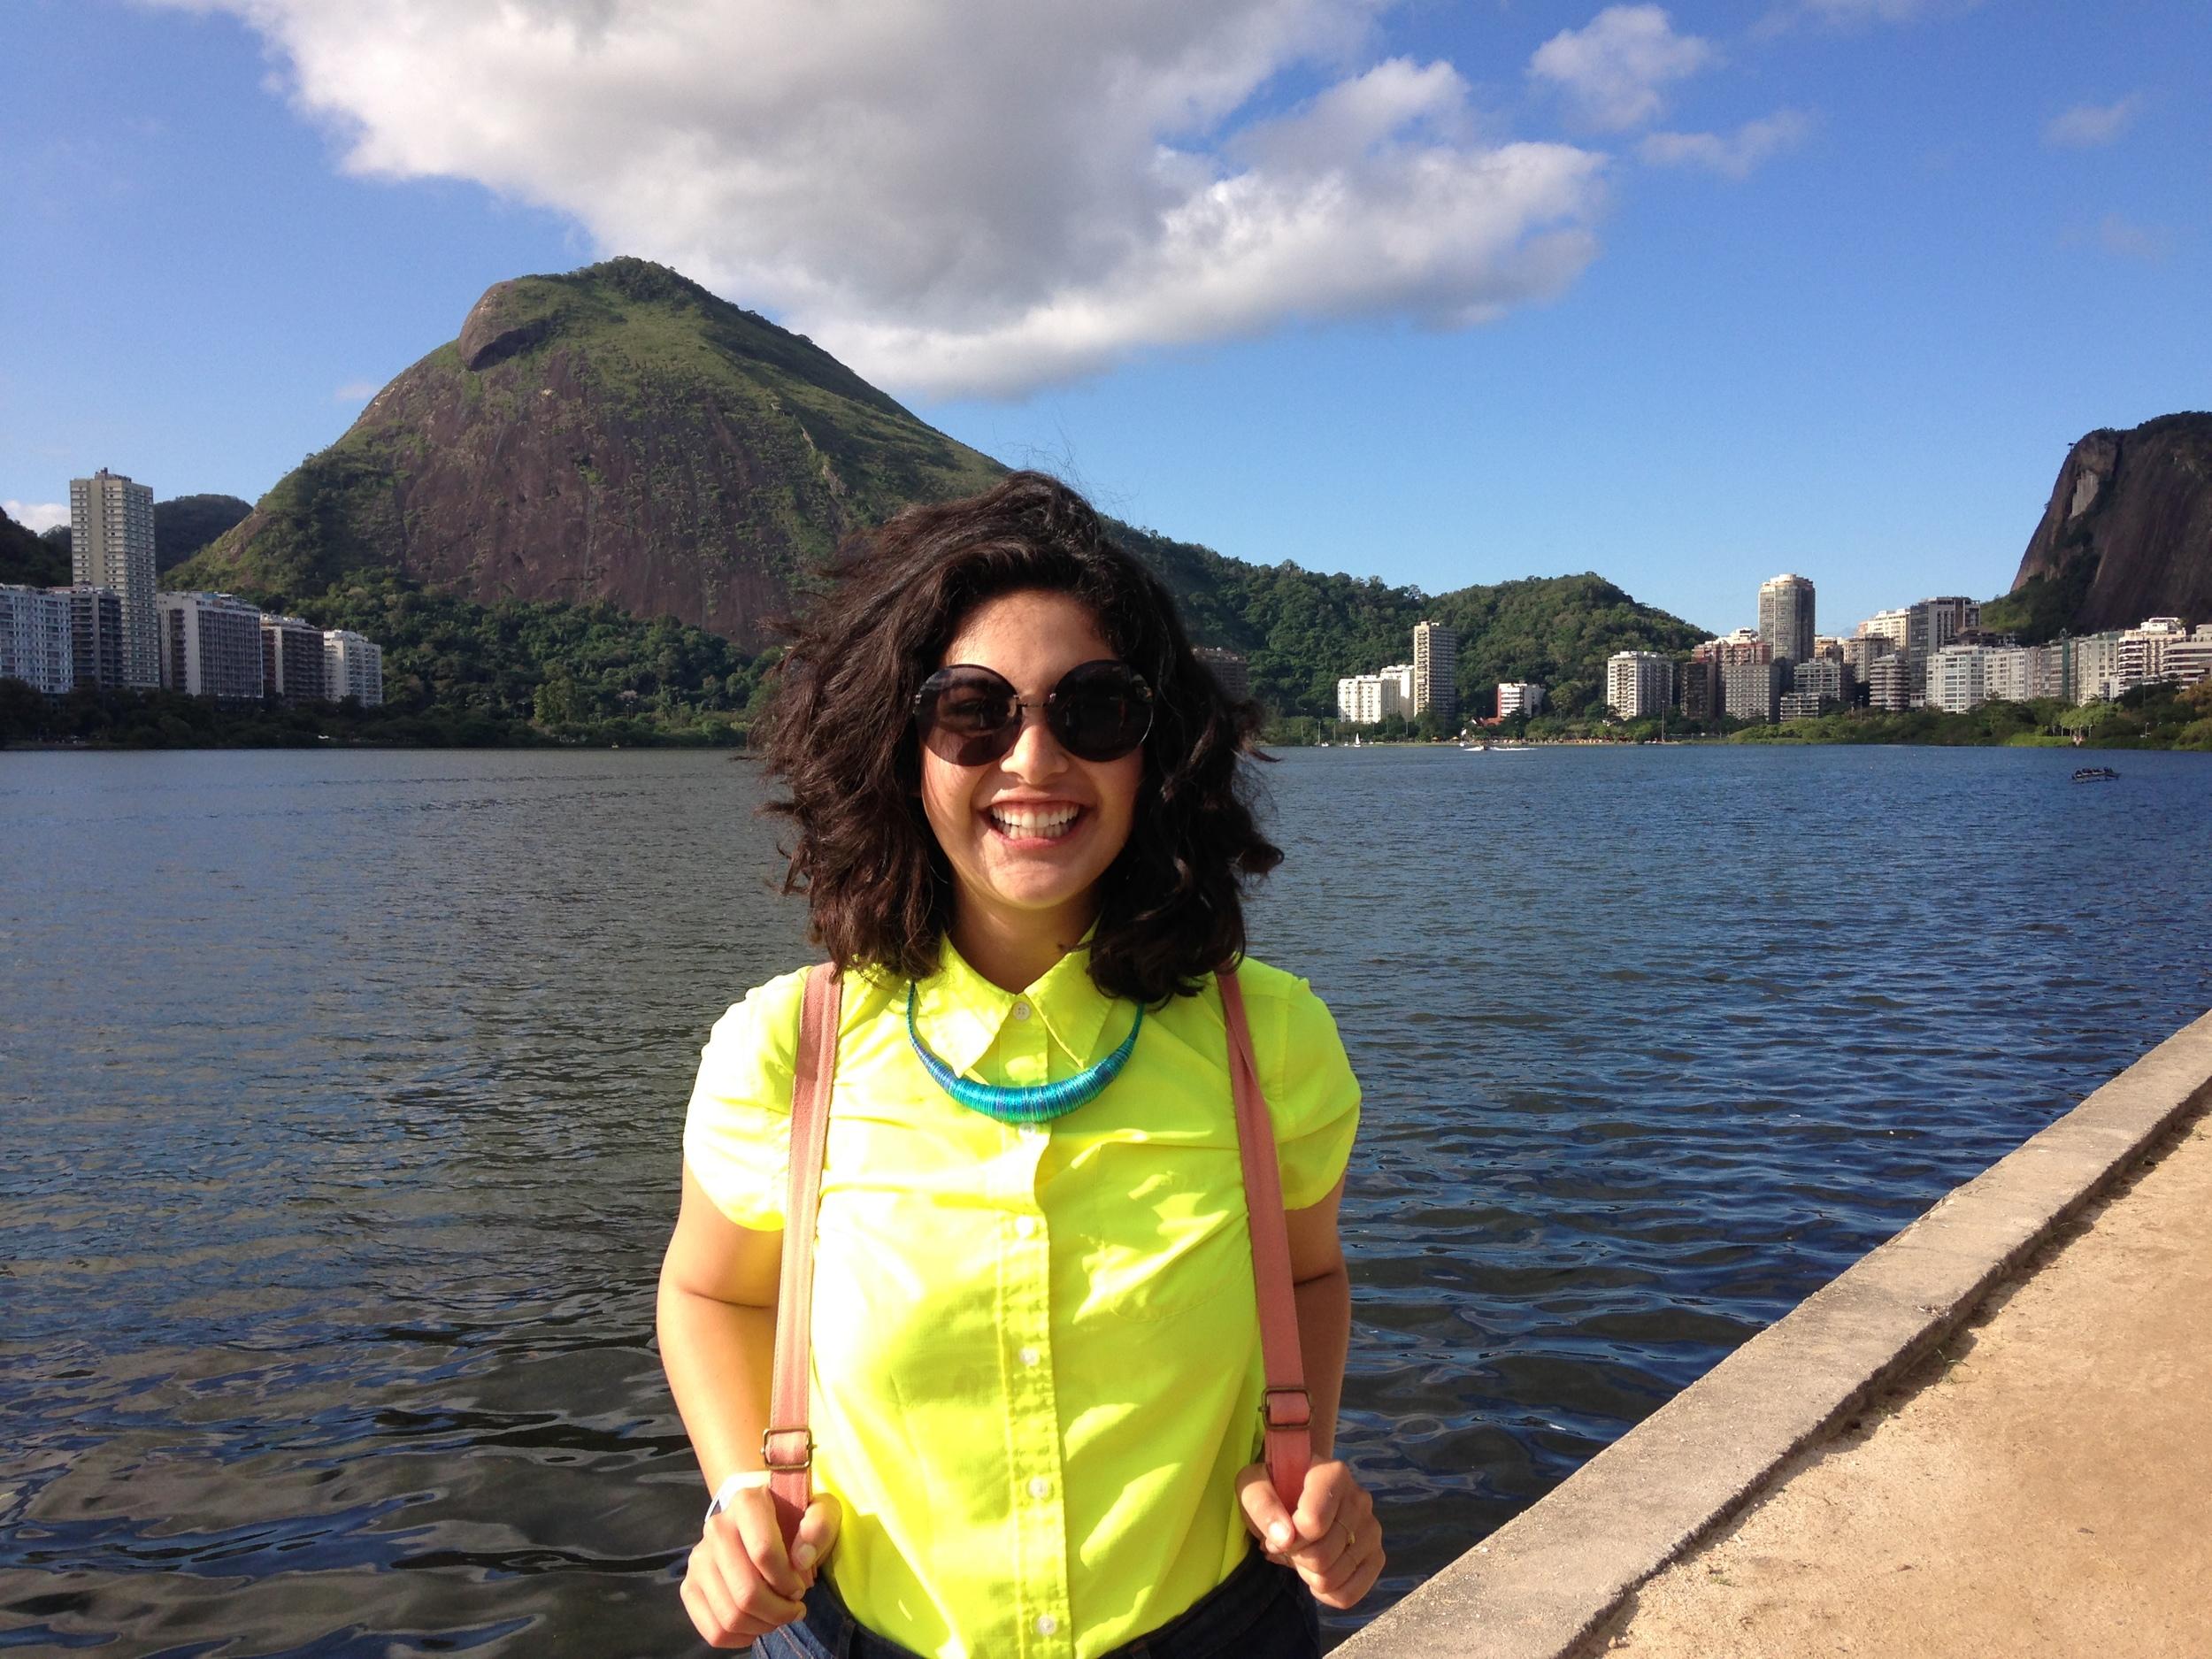 Me at the Lagoon